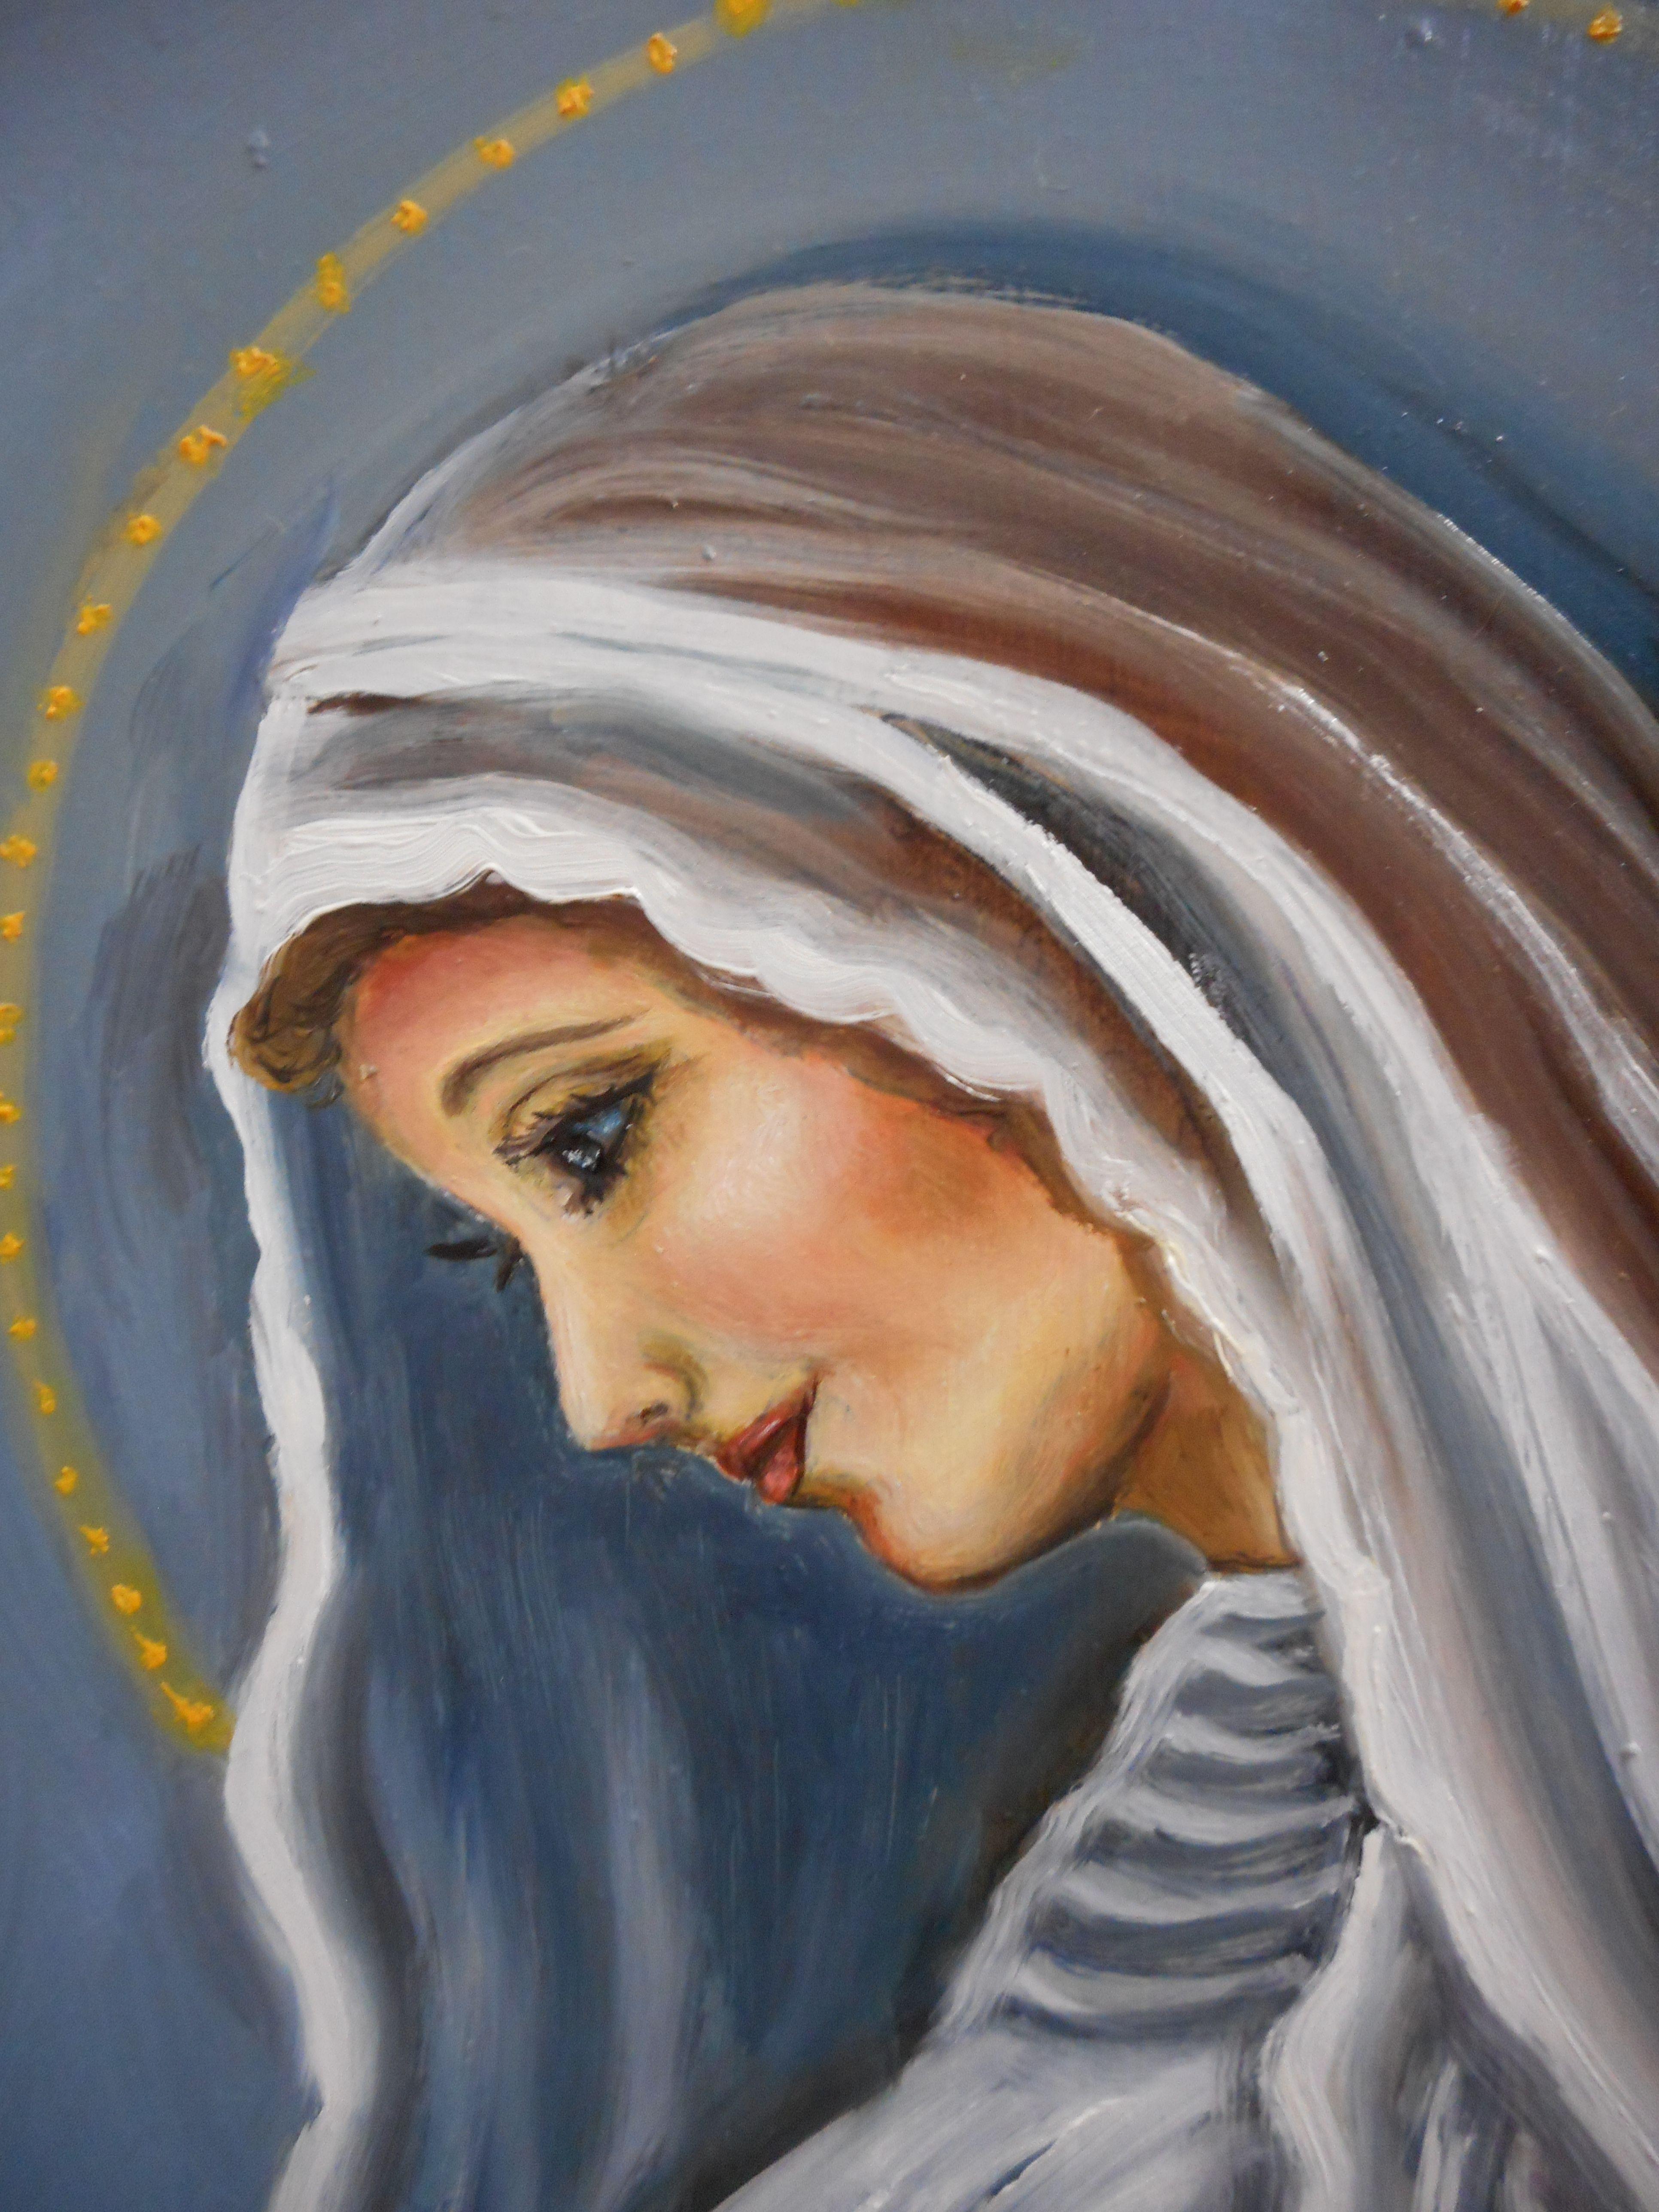 Detalle Del Rostro De Dulce Espera De Maria Oleo Sobre Madera 50 X 45 Cm Pintado Por Ma Eugenia Lara Lopez Art Painting Catholic